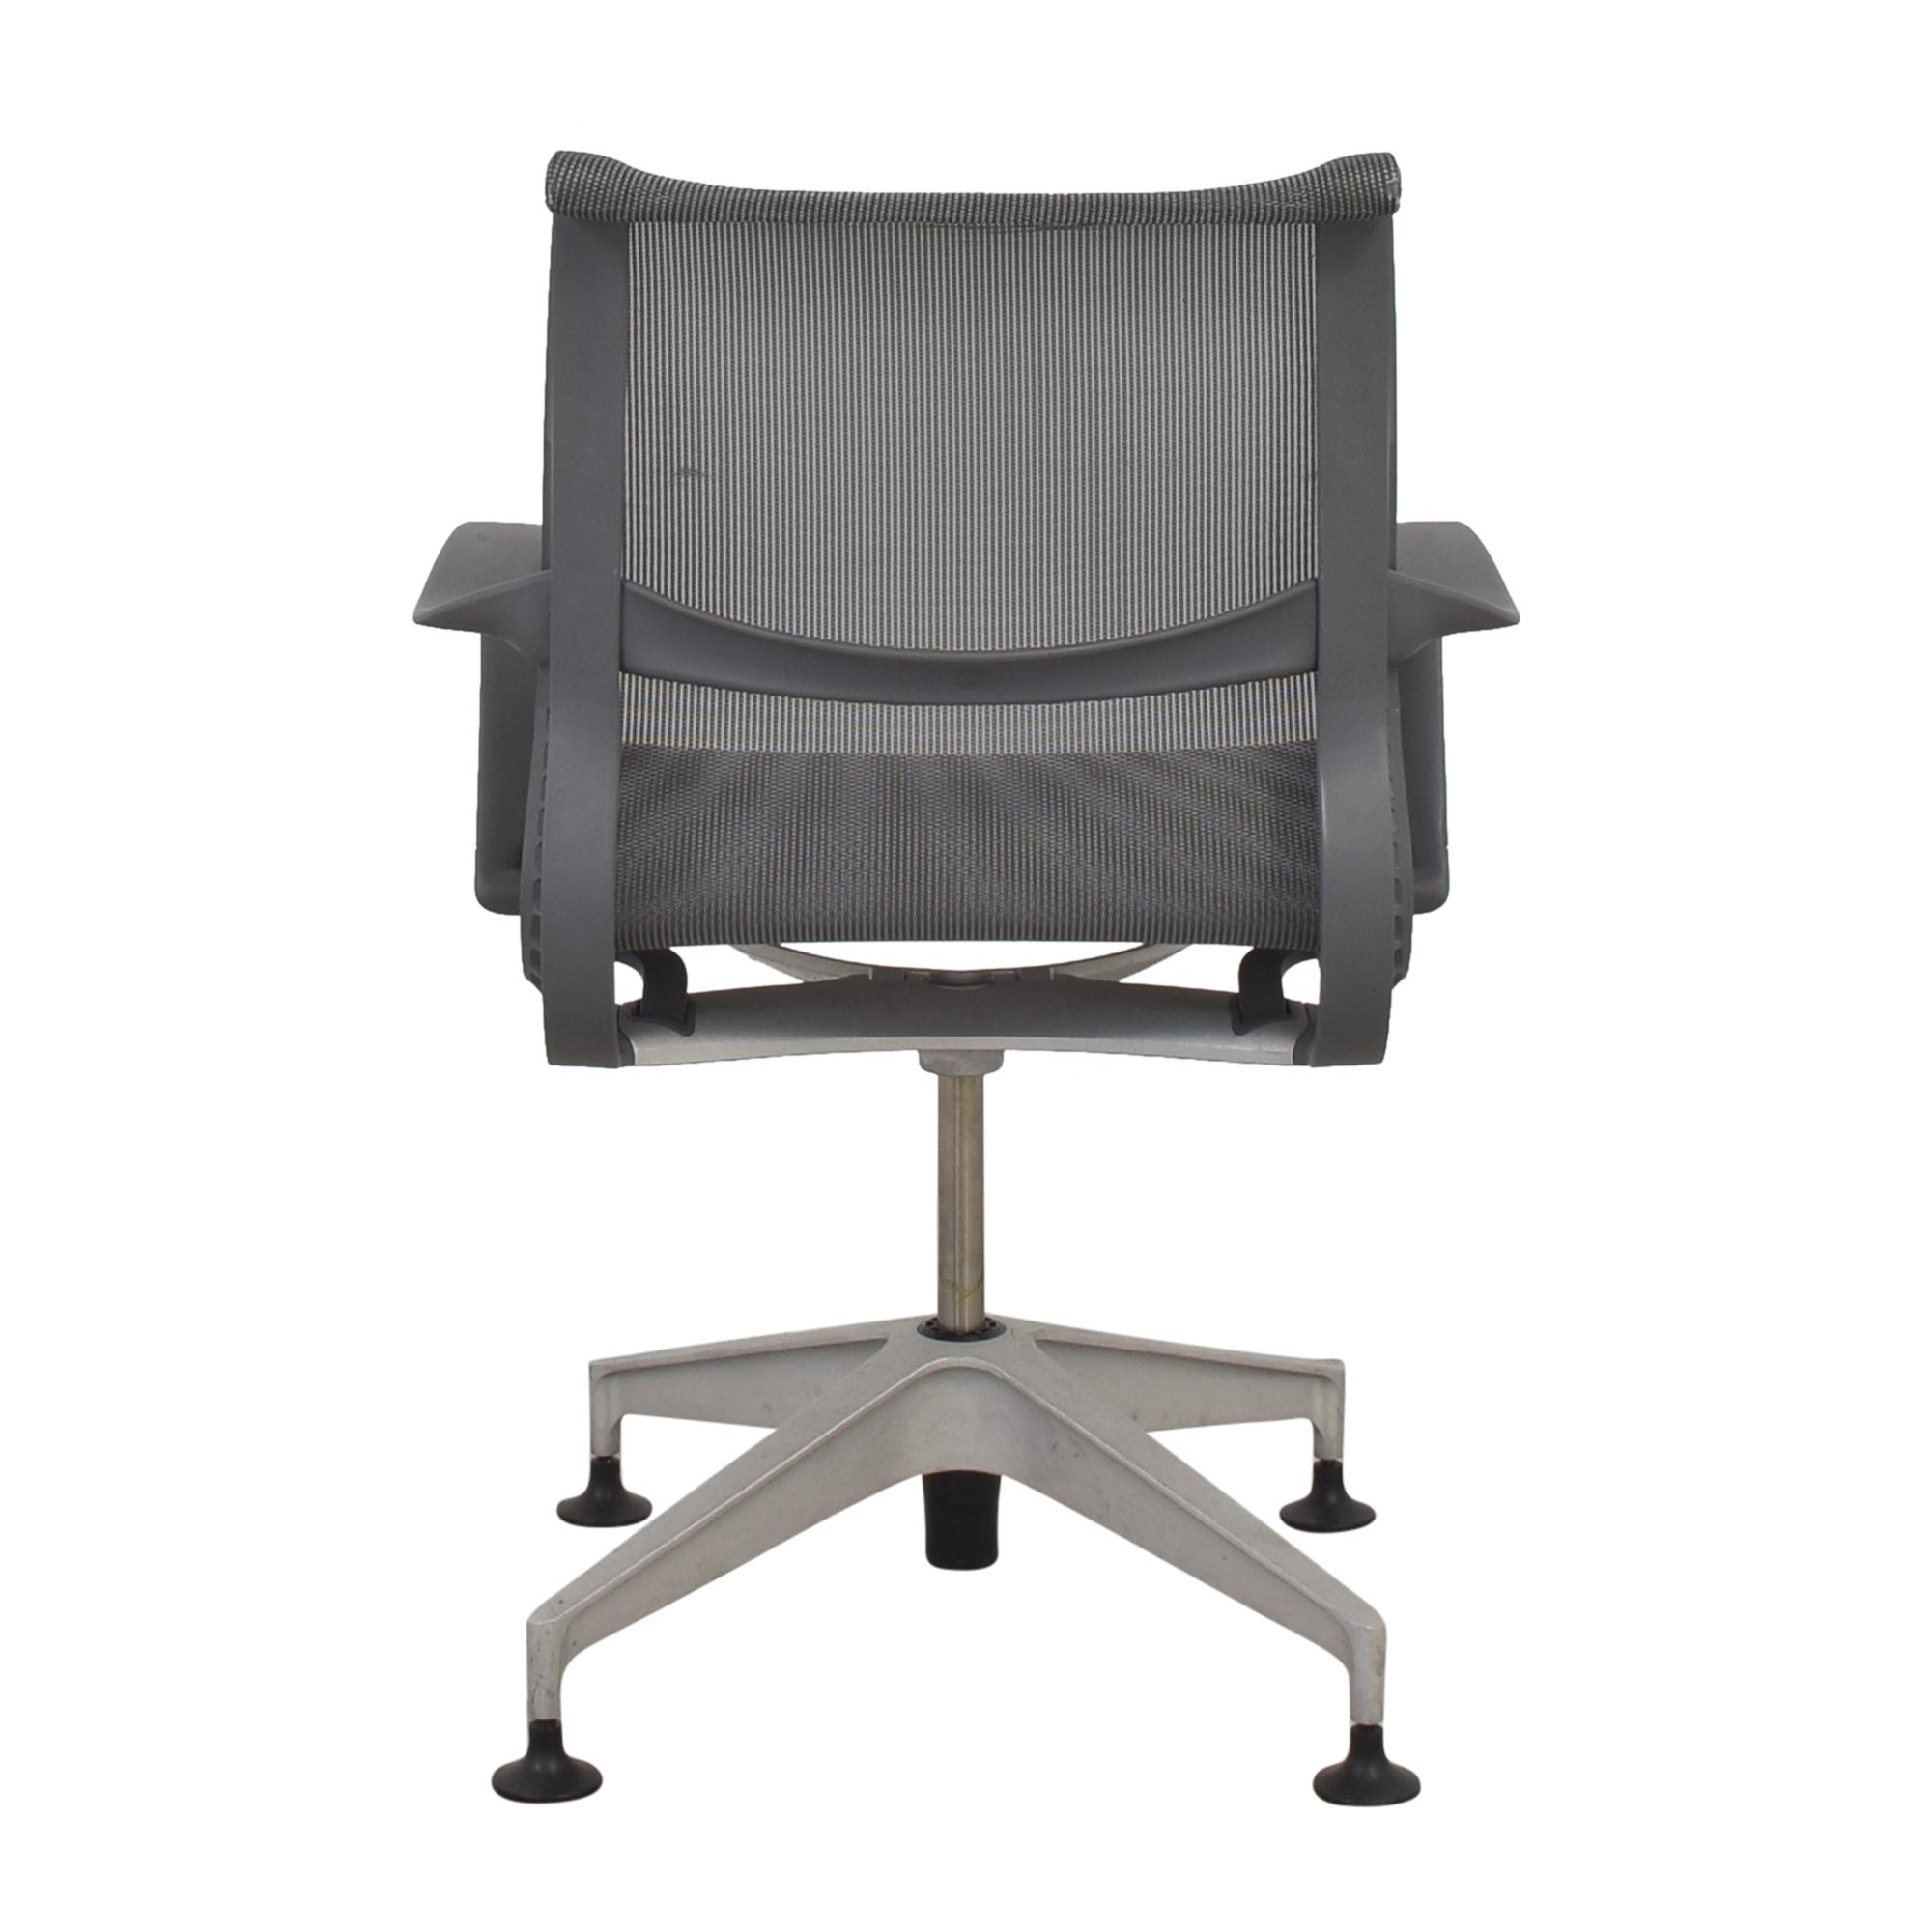 Herman Miller Herman Miller Setu Chair on sale